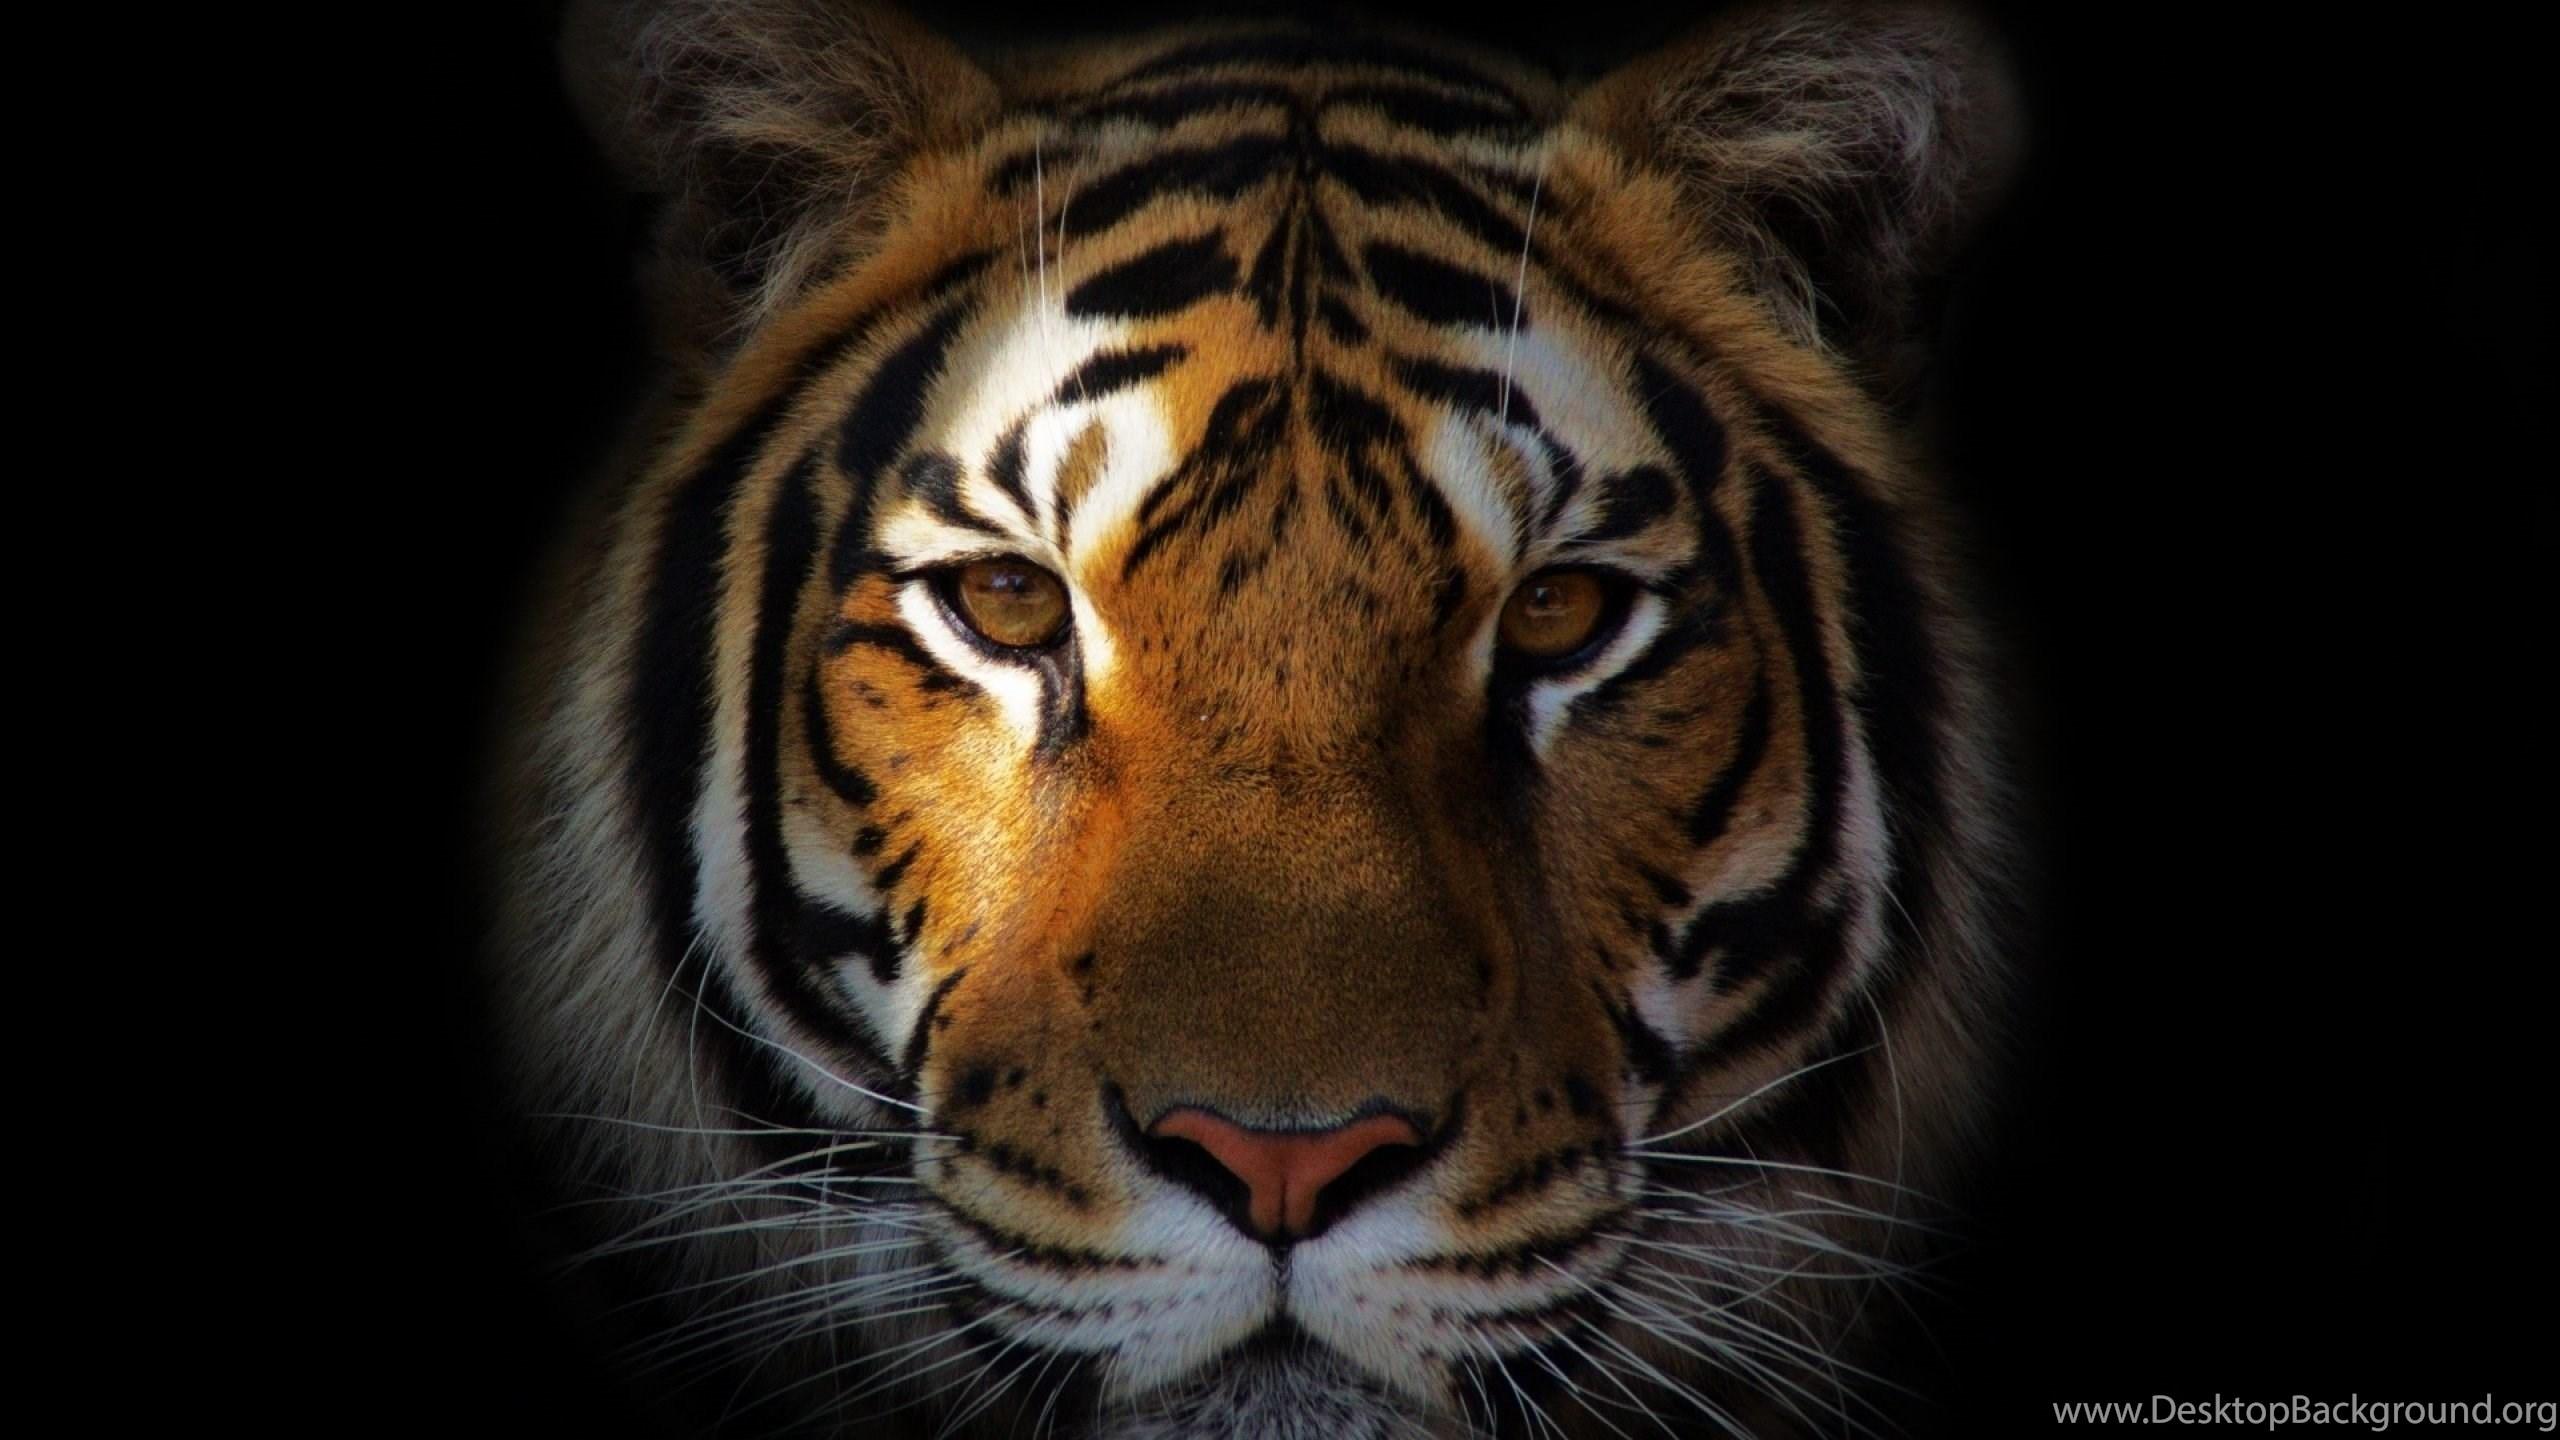 white tiger hd wallpapers for desktop & mobile download desktop